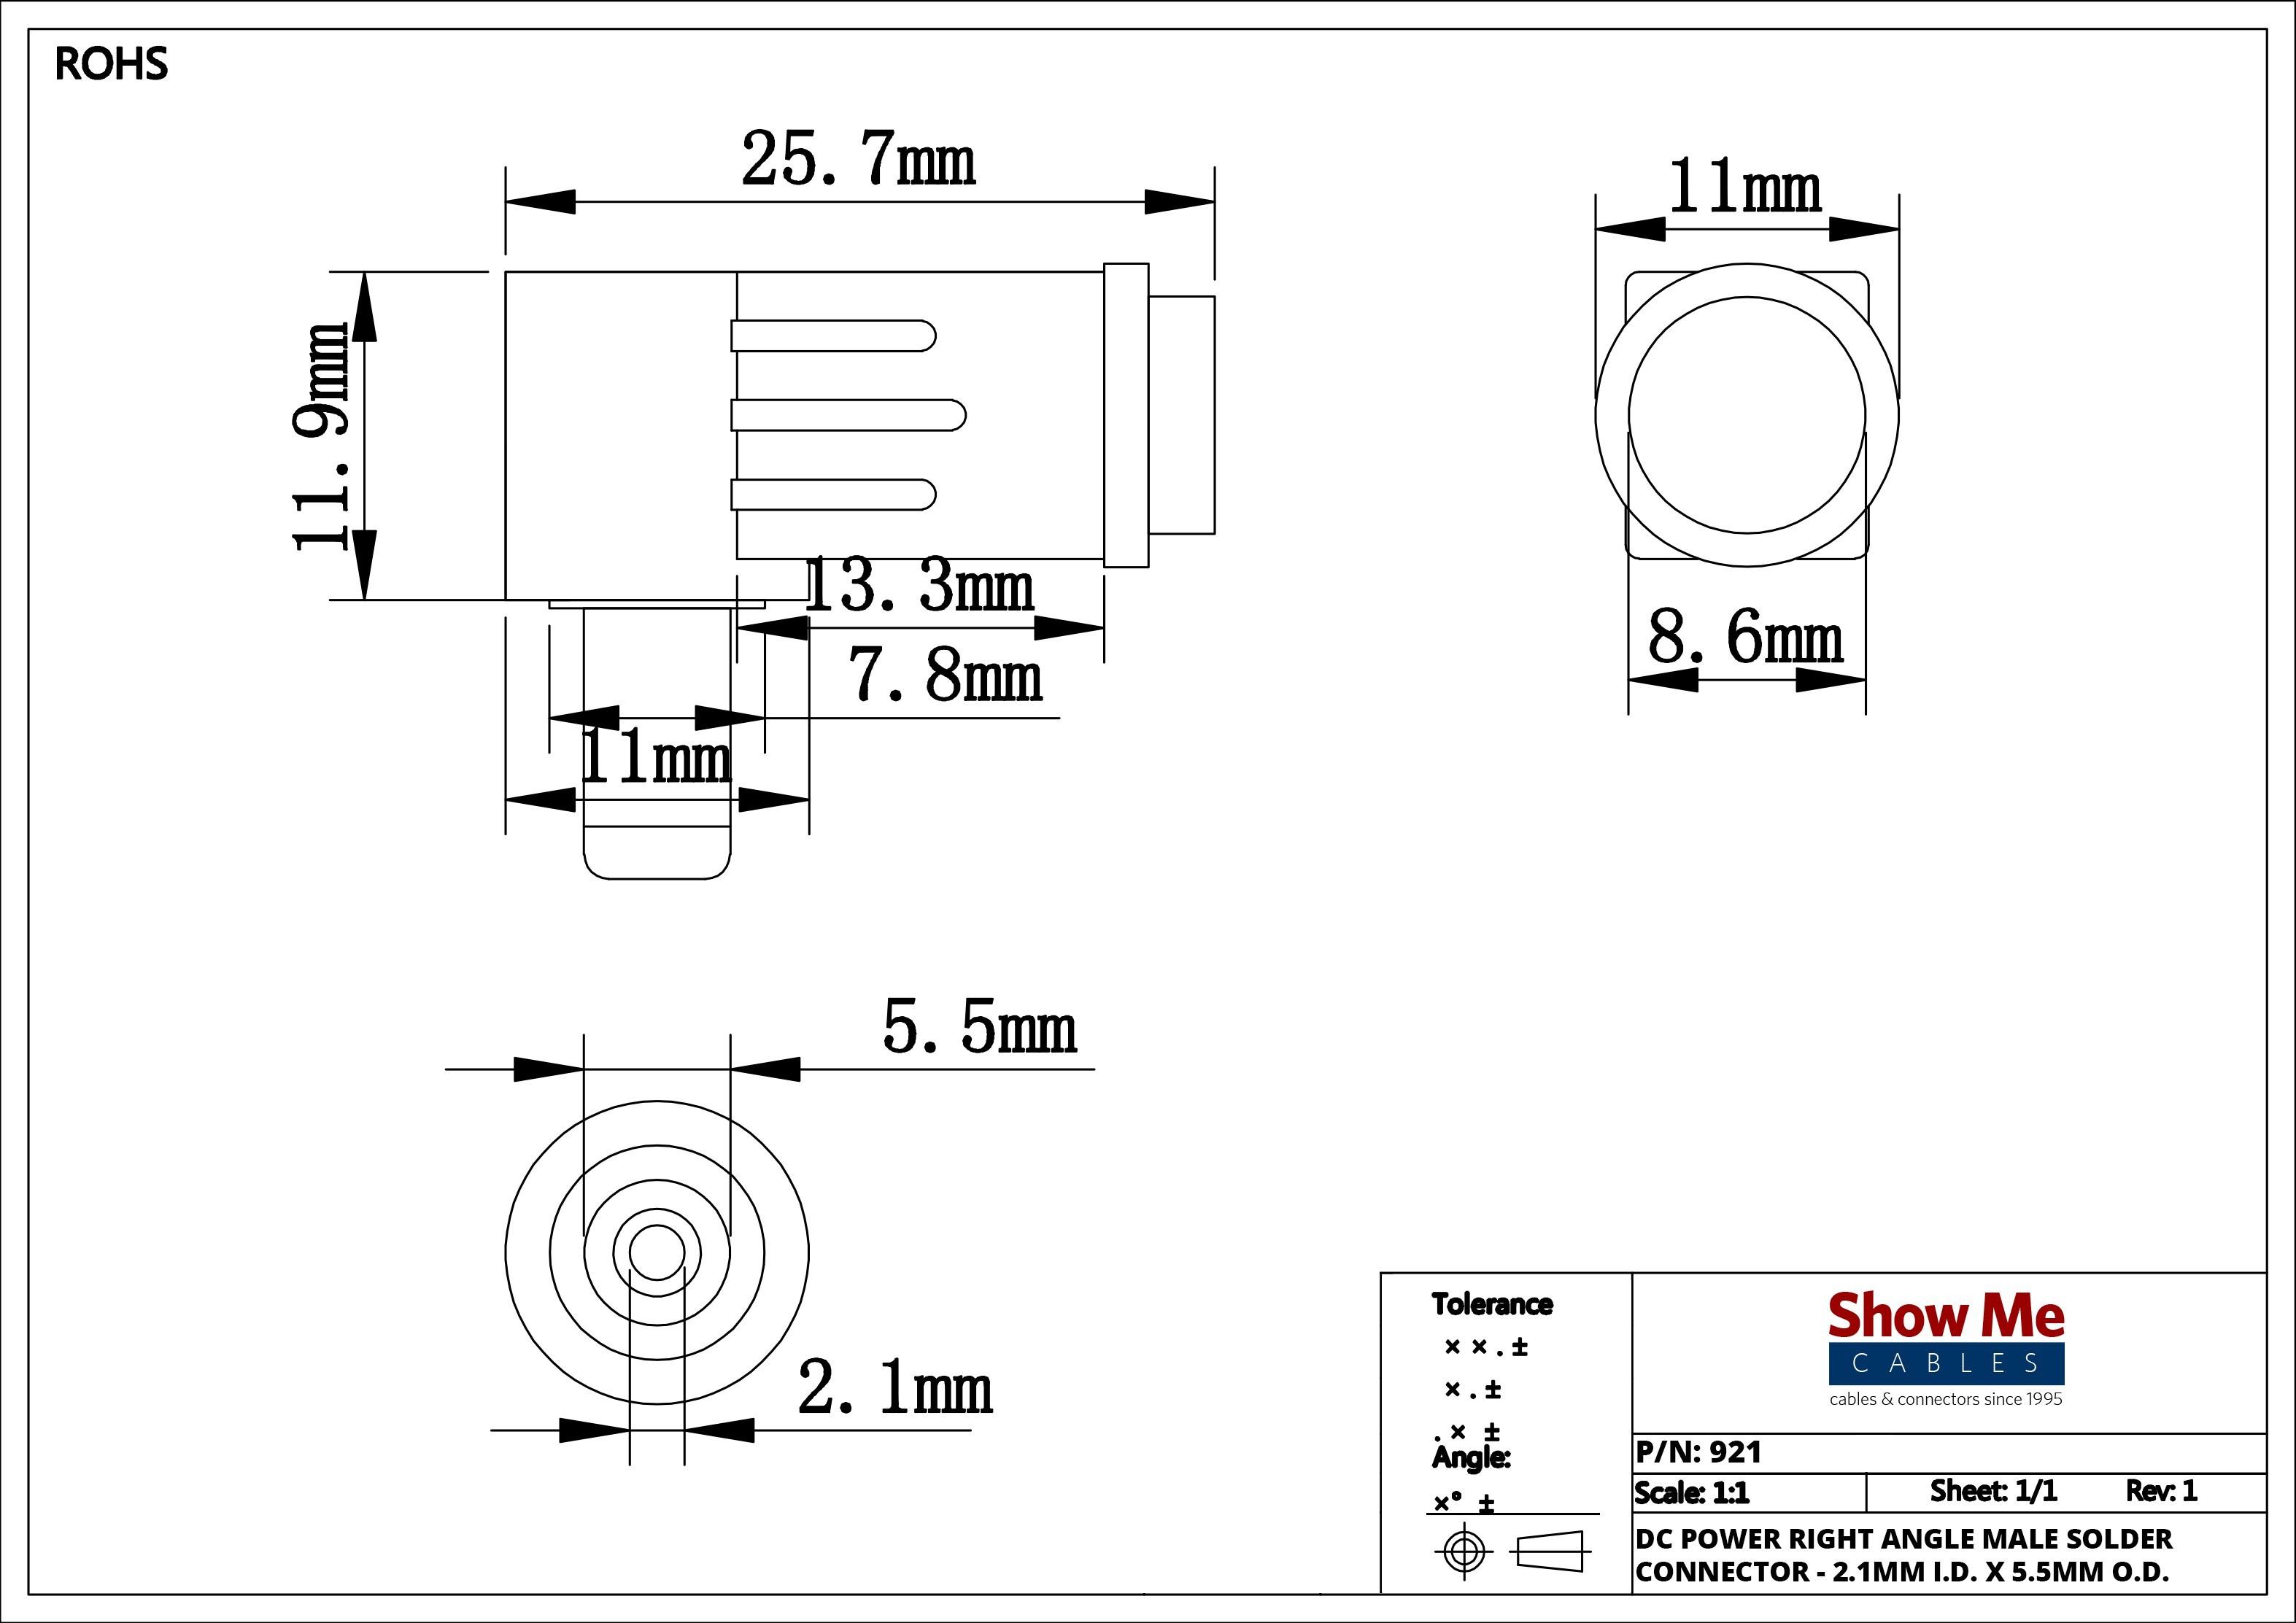 3 5 Mm Jack Wiring Diagram Fresh 2 5mm Id 5 5mm Od Power Connector